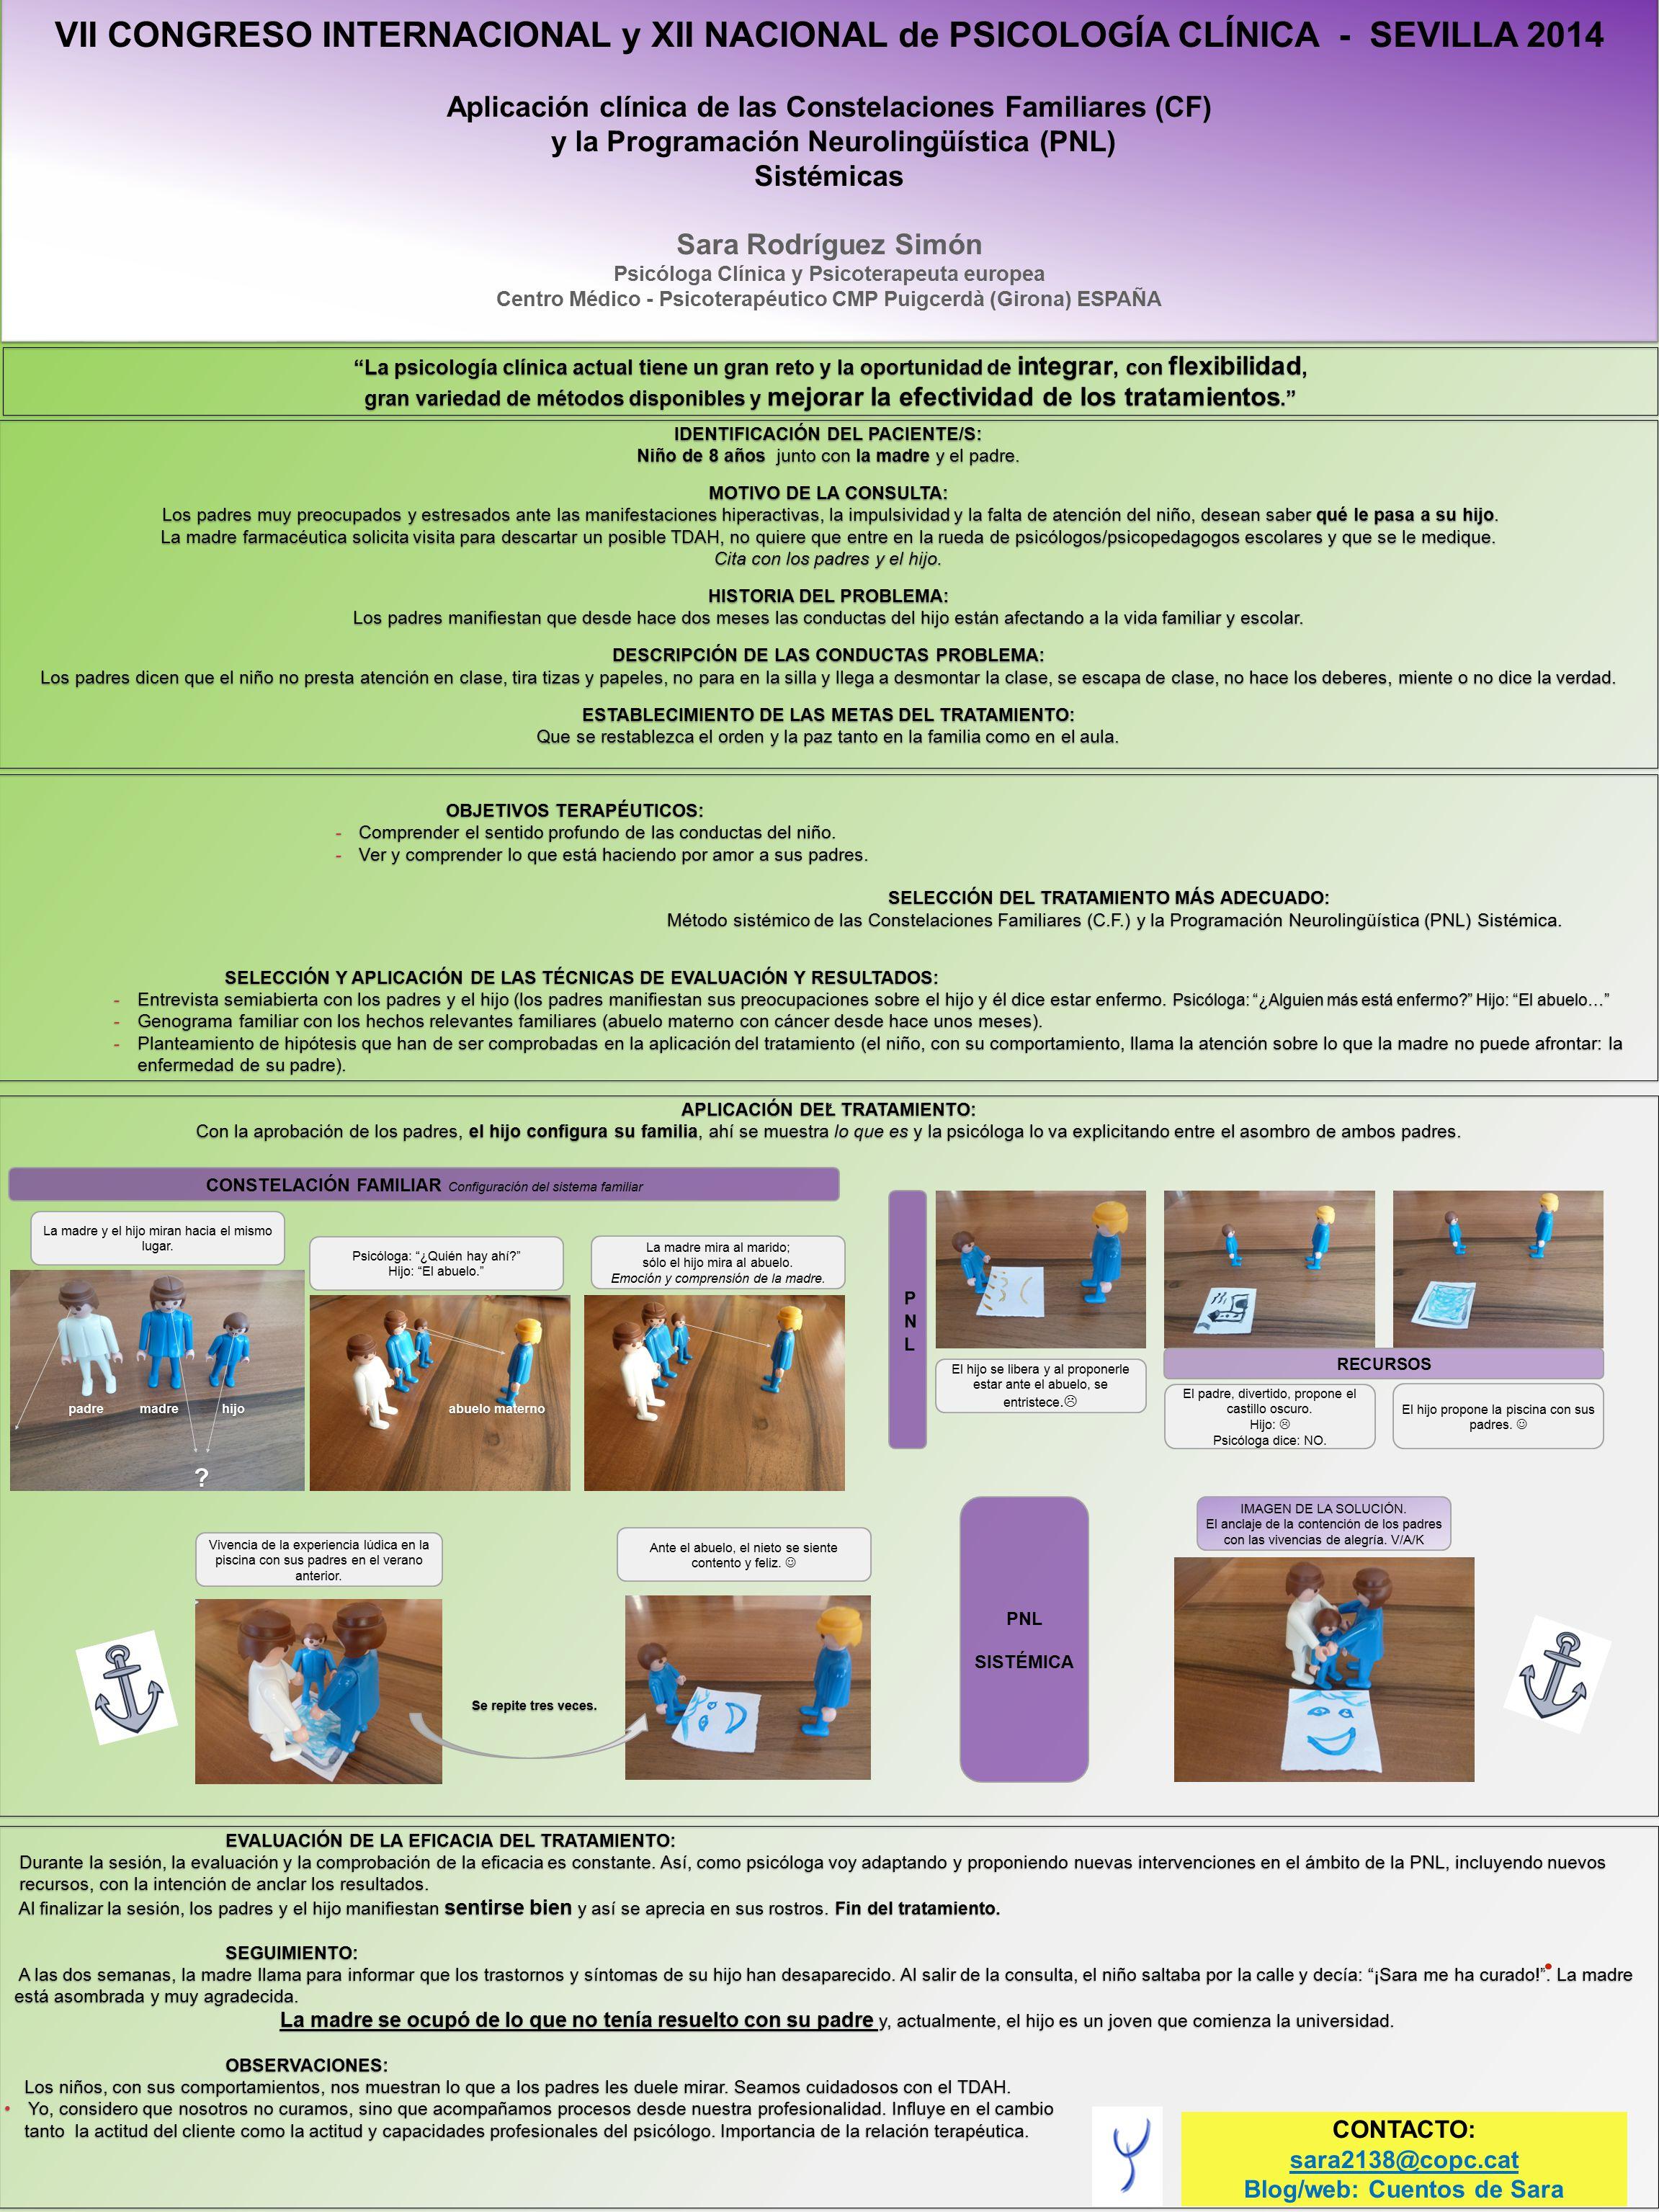 VII CONGRESO INTERNACIONAL y XII NACIONAL de PSICOLOGÍA CLÍNICA - SEVILLA 2014 Aplicación clínica de las Constelaciones Familiares (CF) y la Programación Neurolingüística (PNL) Sistémicas Sara Rodríguez Simón Psicóloga Clínica y Psicoterapeuta europea Centro Médico - Psicoterapéutico CMP Puigcerdà (Girona) ESPAÑA VII CONGRESO INTERNACIONAL y XII NACIONAL de PSICOLOGÍA CLÍNICA - SEVILLA 2014 Aplicación clínica de las Constelaciones Familiares (CF) y la Programación Neurolingüística (PNL) Sistémicas Sara Rodríguez Simón Psicóloga Clínica y Psicoterapeuta europea Centro Médico - Psicoterapéutico CMP Puigcerdà (Girona) ESPAÑA CONTACTO: sara2138@copc.cat Blog/web: Cuentos de Sara IDENTIFICACIÓN DEL PACIENTE/S: Niño de 8 años junto con la madre y el padre.